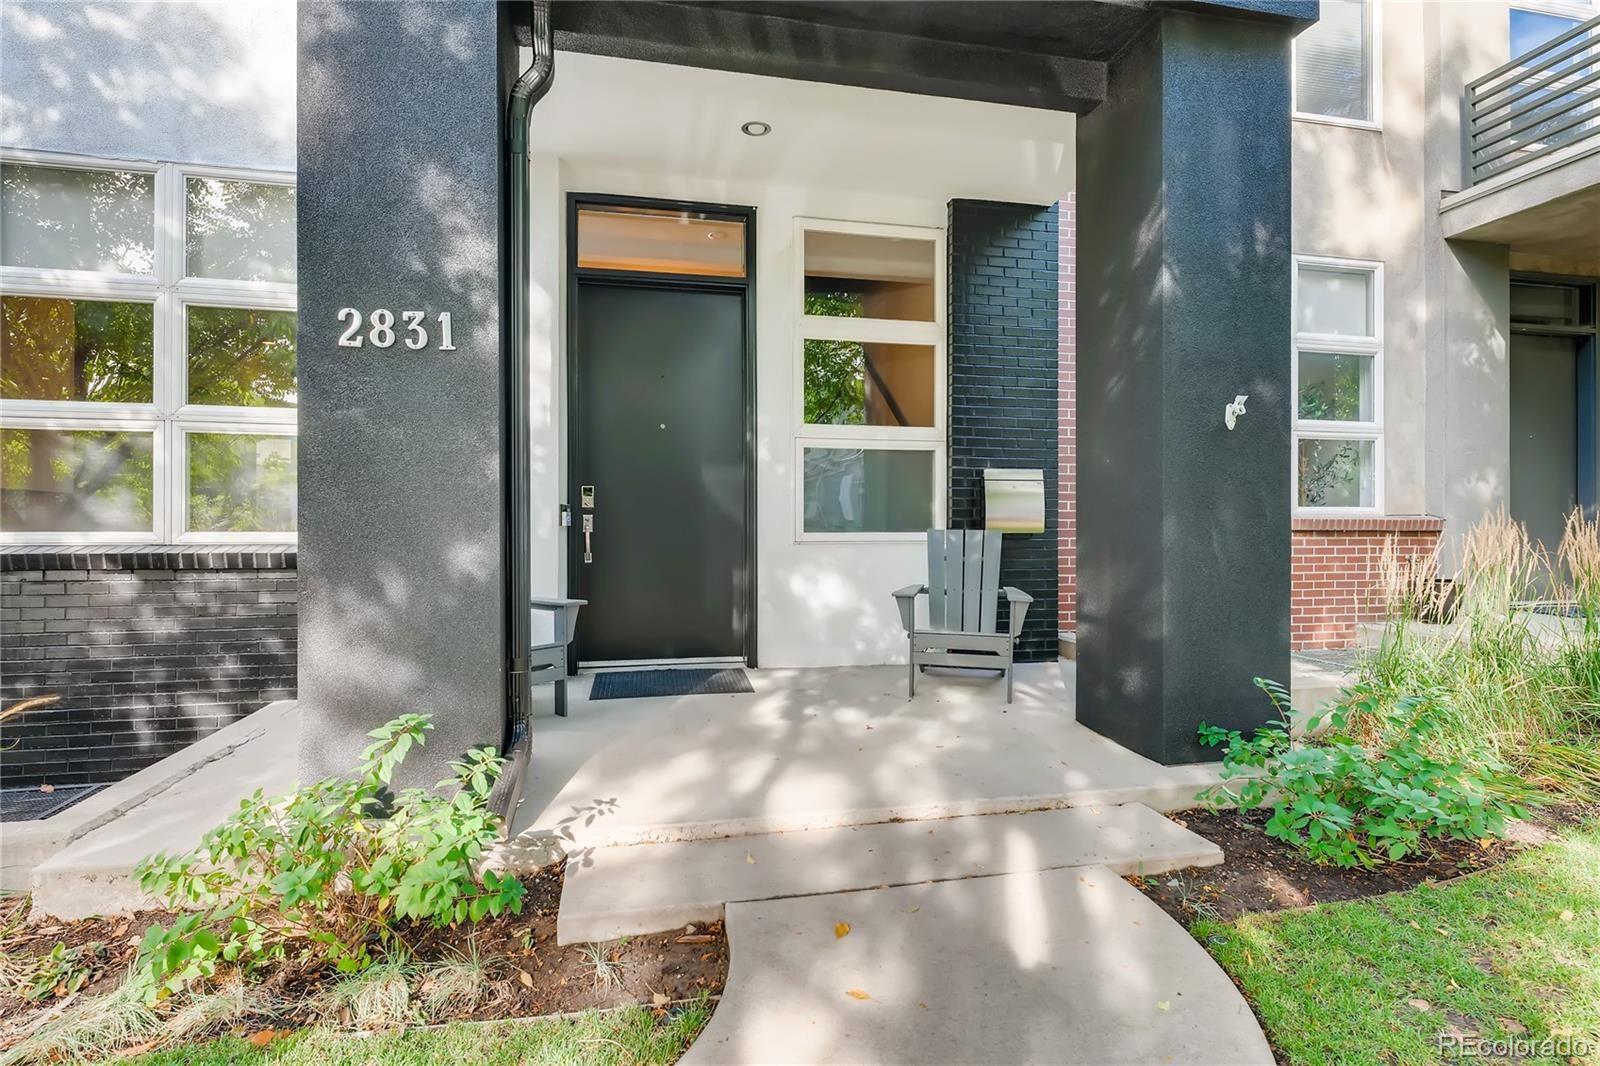 Photo of 2831 Umatilla Street, Denver, CO 80211 (MLS # 6457748)